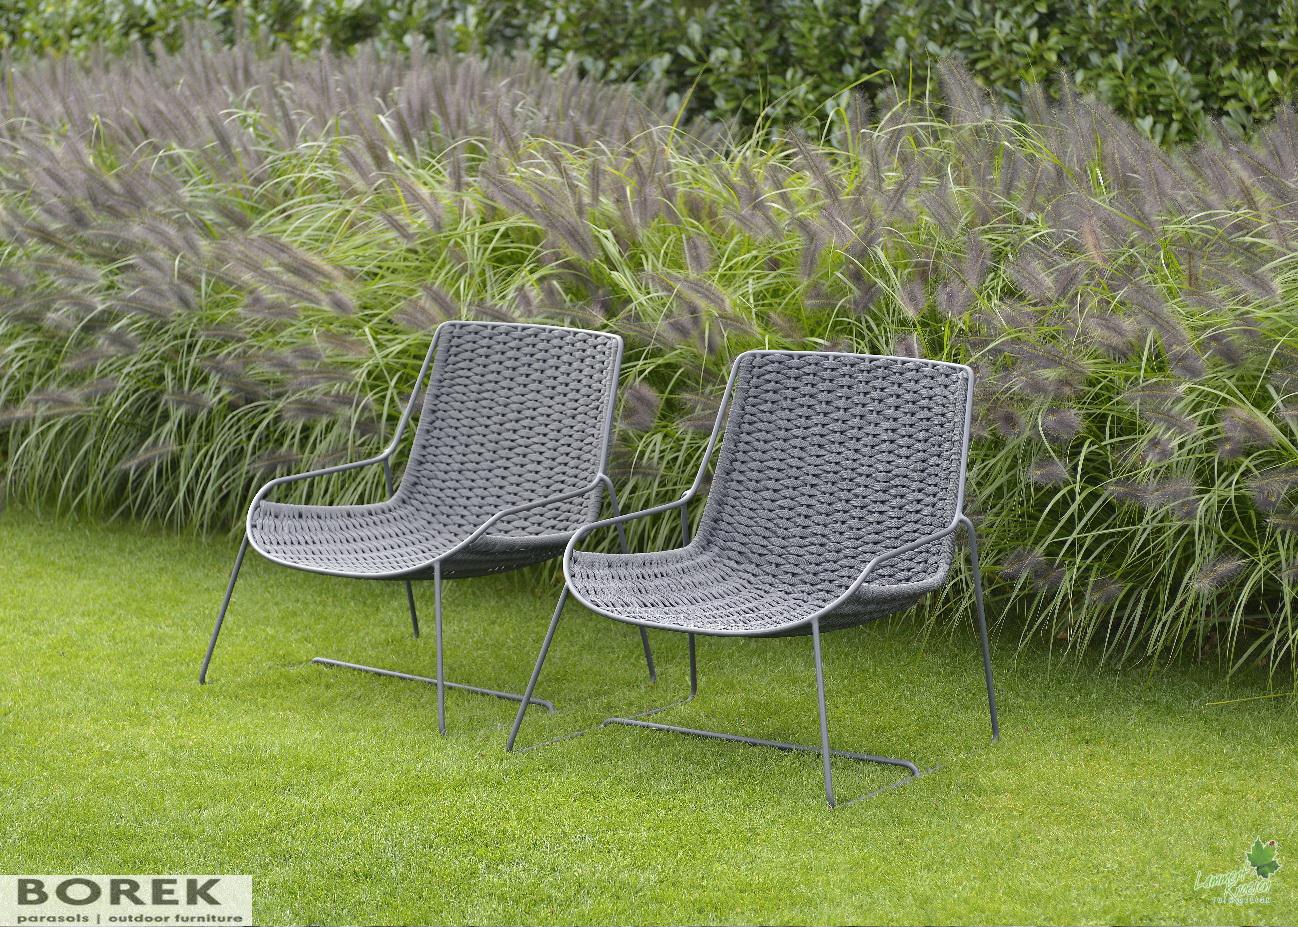 Borek tuinmeubel tuinmeubelen solden manutti meubelen